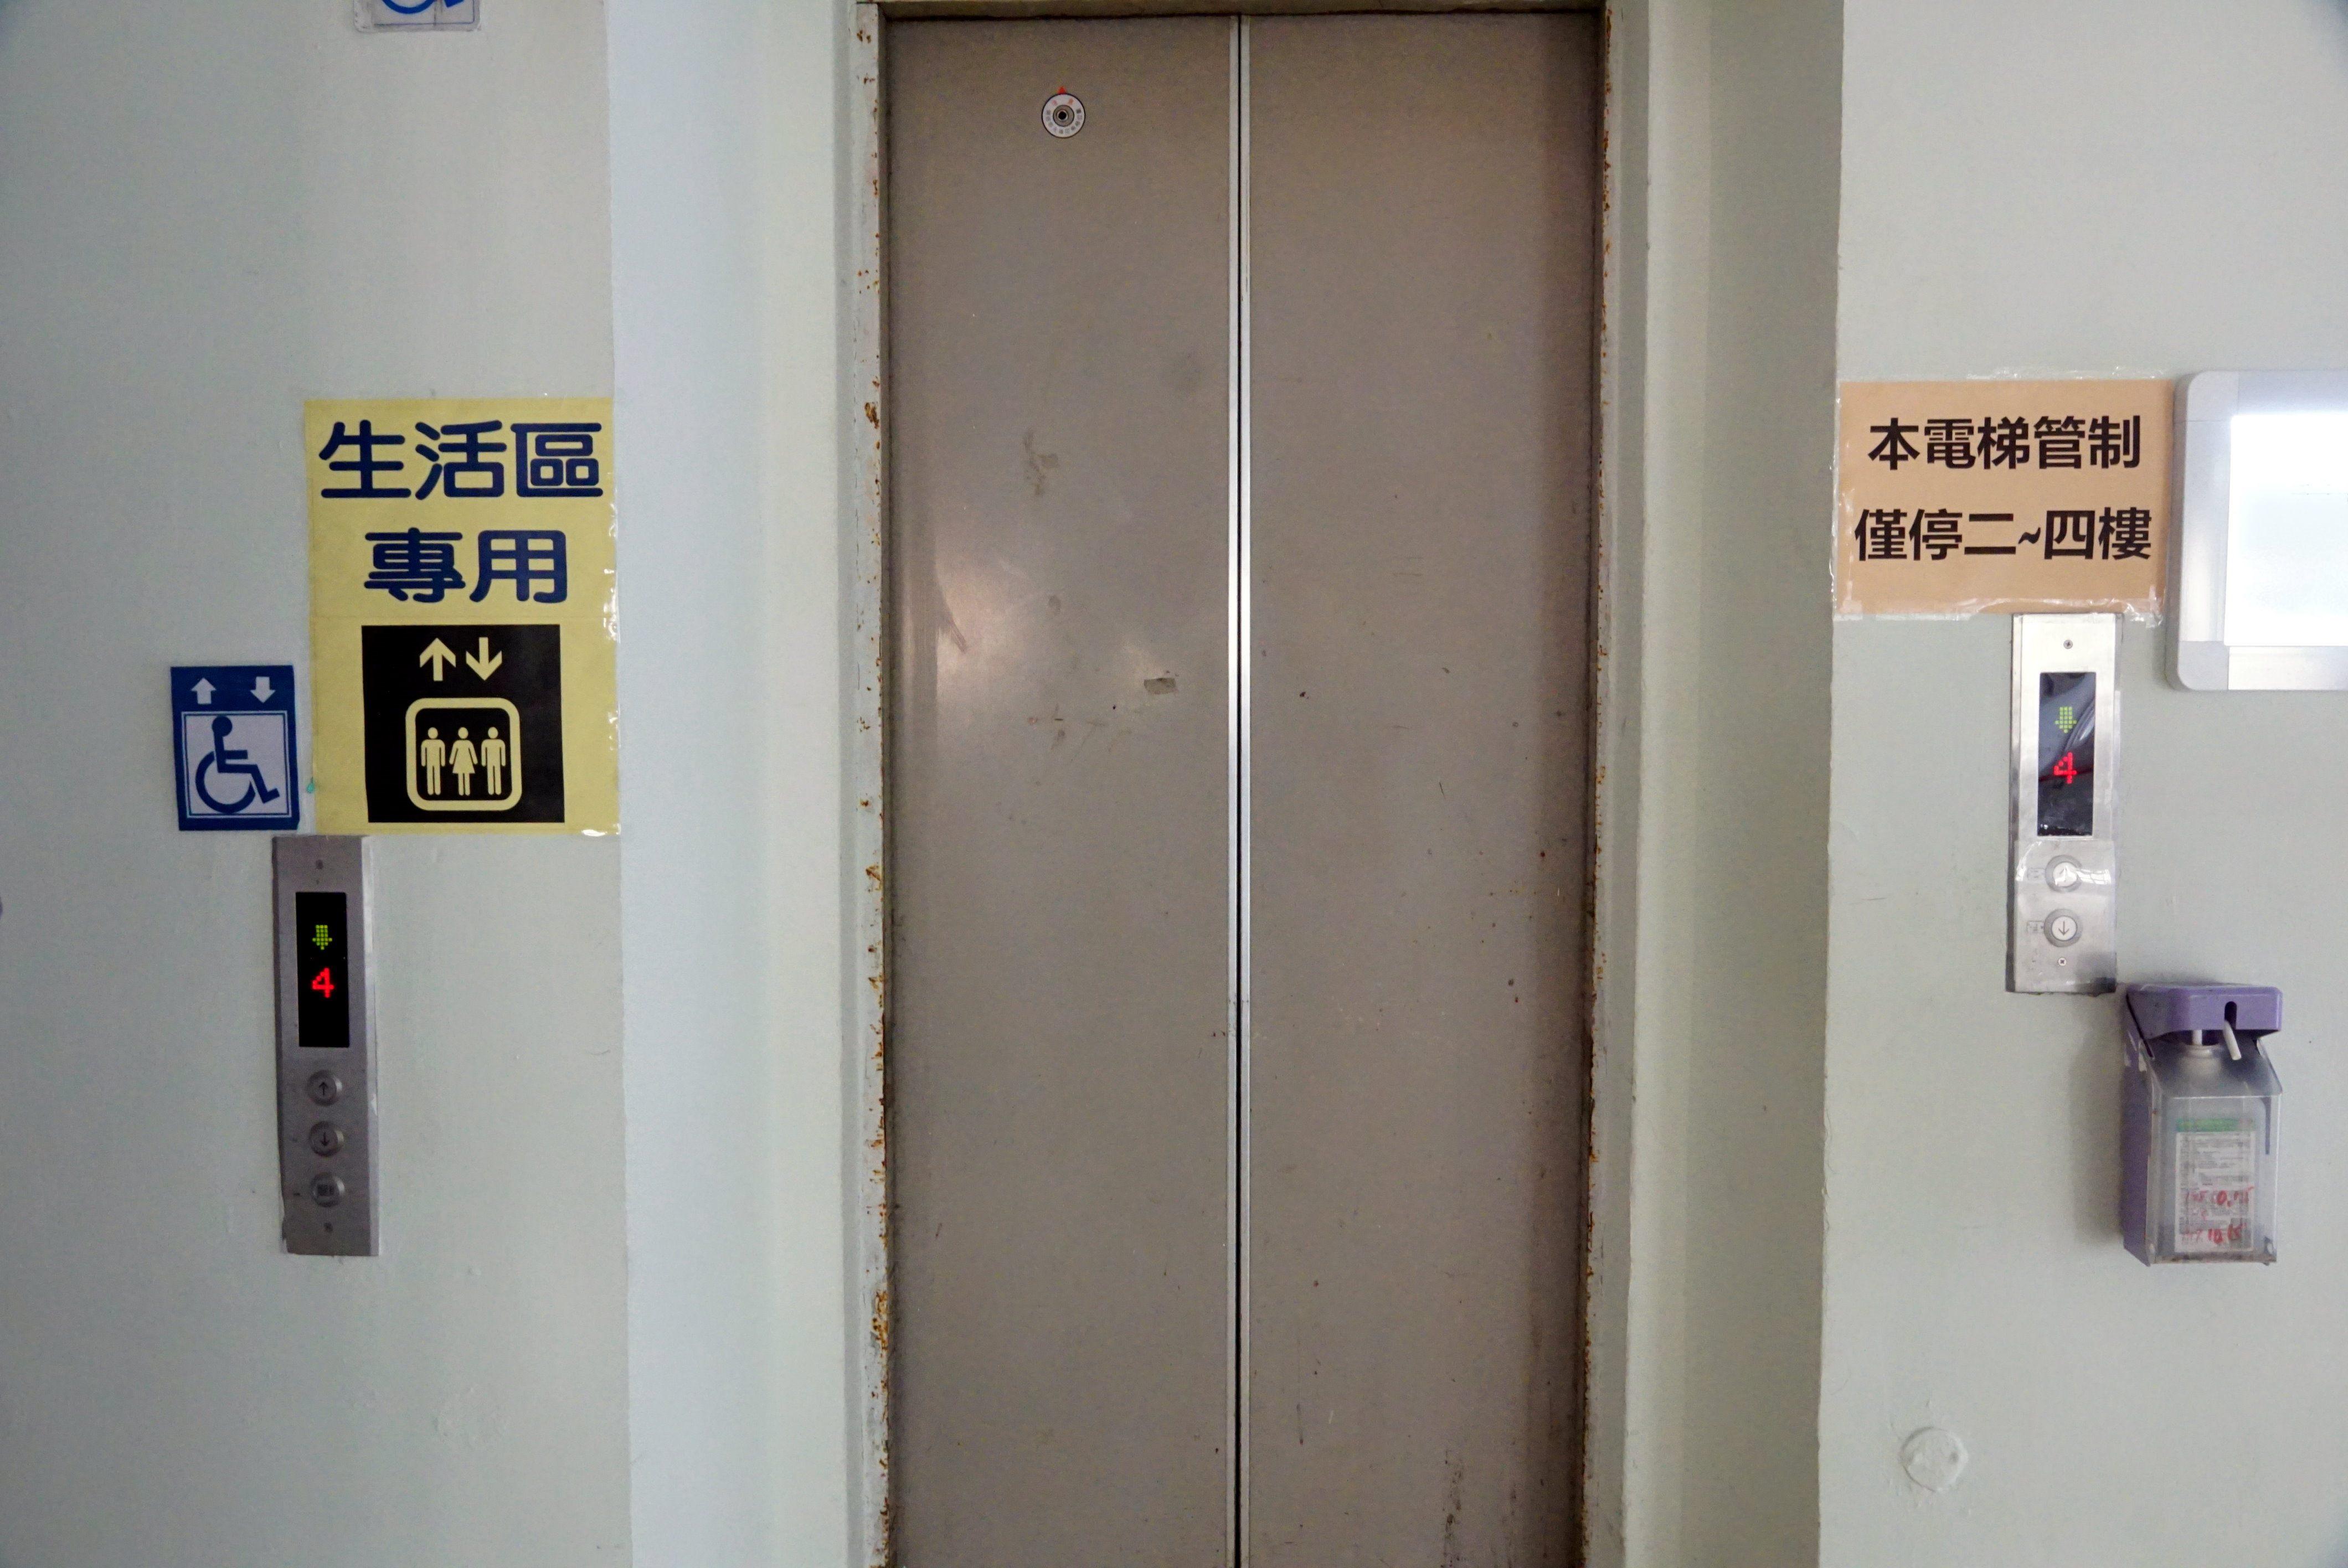 生活區人員專用電梯